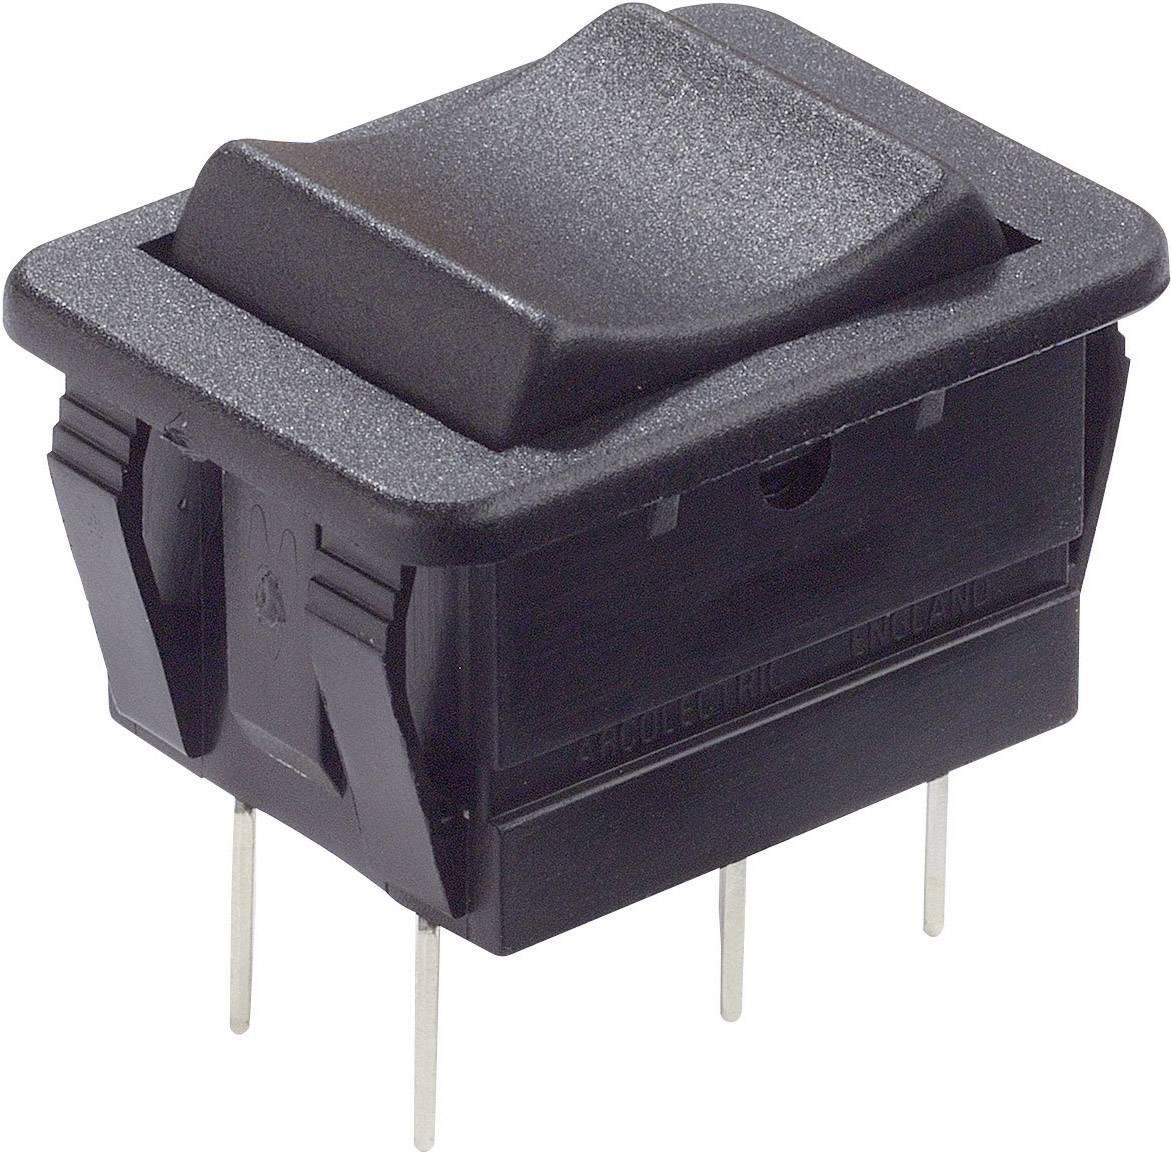 Kolískový spínač s aretáciou/0/s aretáciou Arcolectric C1570VBAAB, 250 V/AC, 16 A